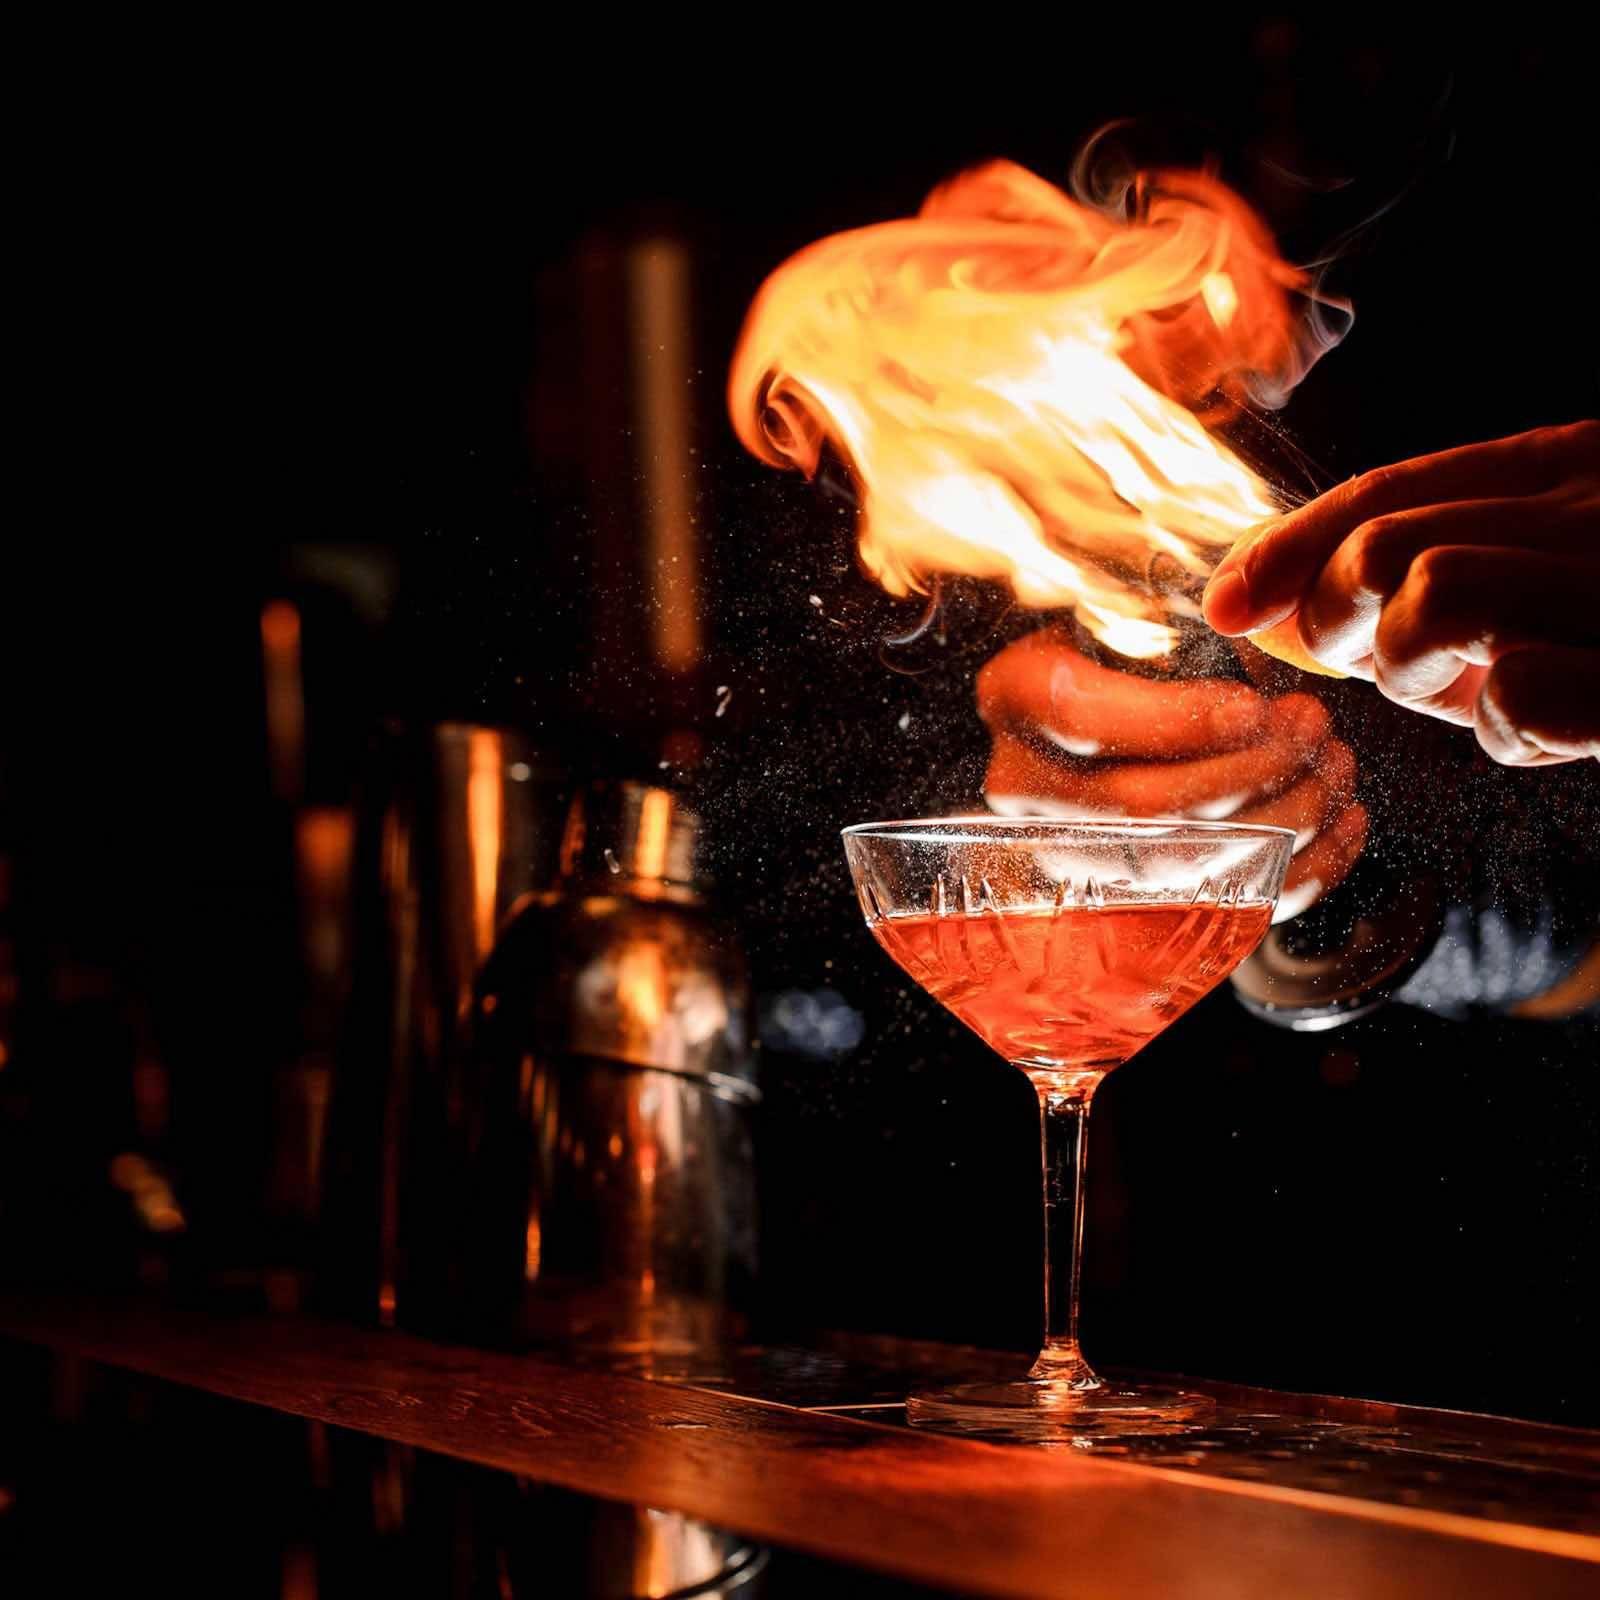 Mobile | Cocktailbar | Hamburg | Hochzeit | Sektempfang | Barkeeper | Mieten | Geburtstag | Ape | VW | Bar | Getränke | Catering | Foodtruck | Weinbar | Sektbar | Kaffeebar | Cocktails | Hamburgfeiert